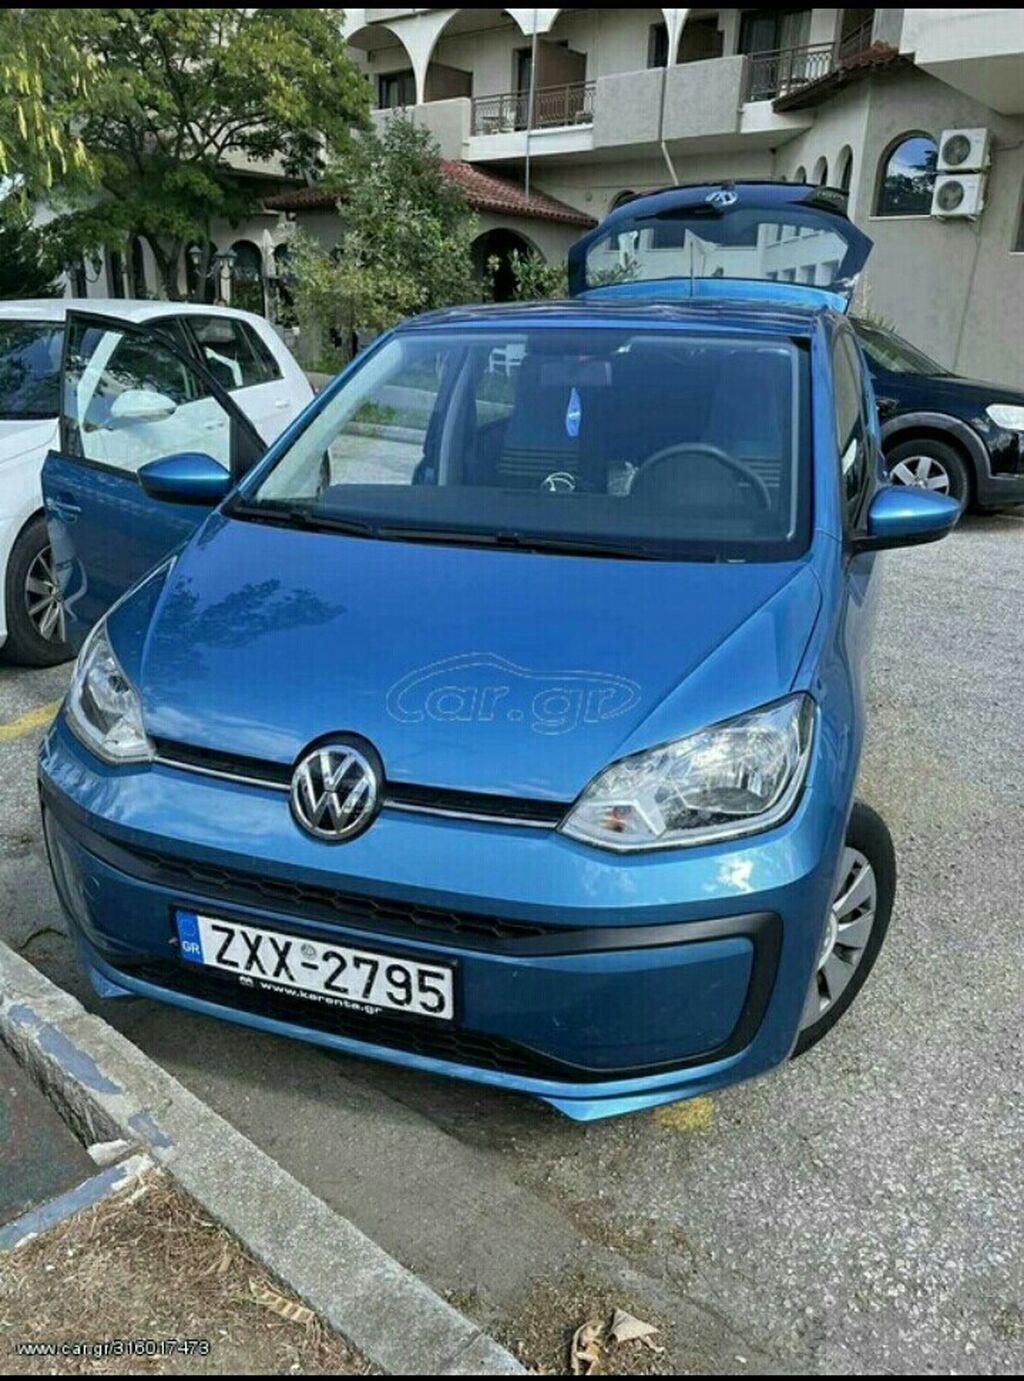 Volkswagen Up 1 l. 2017   78227 km   η αγγελία δημοσιεύτηκε 23 Σεπτέμβριος 2021 18:29:45   VOLKSWAGEN: Volkswagen Up 1 l. 2017   78227 km